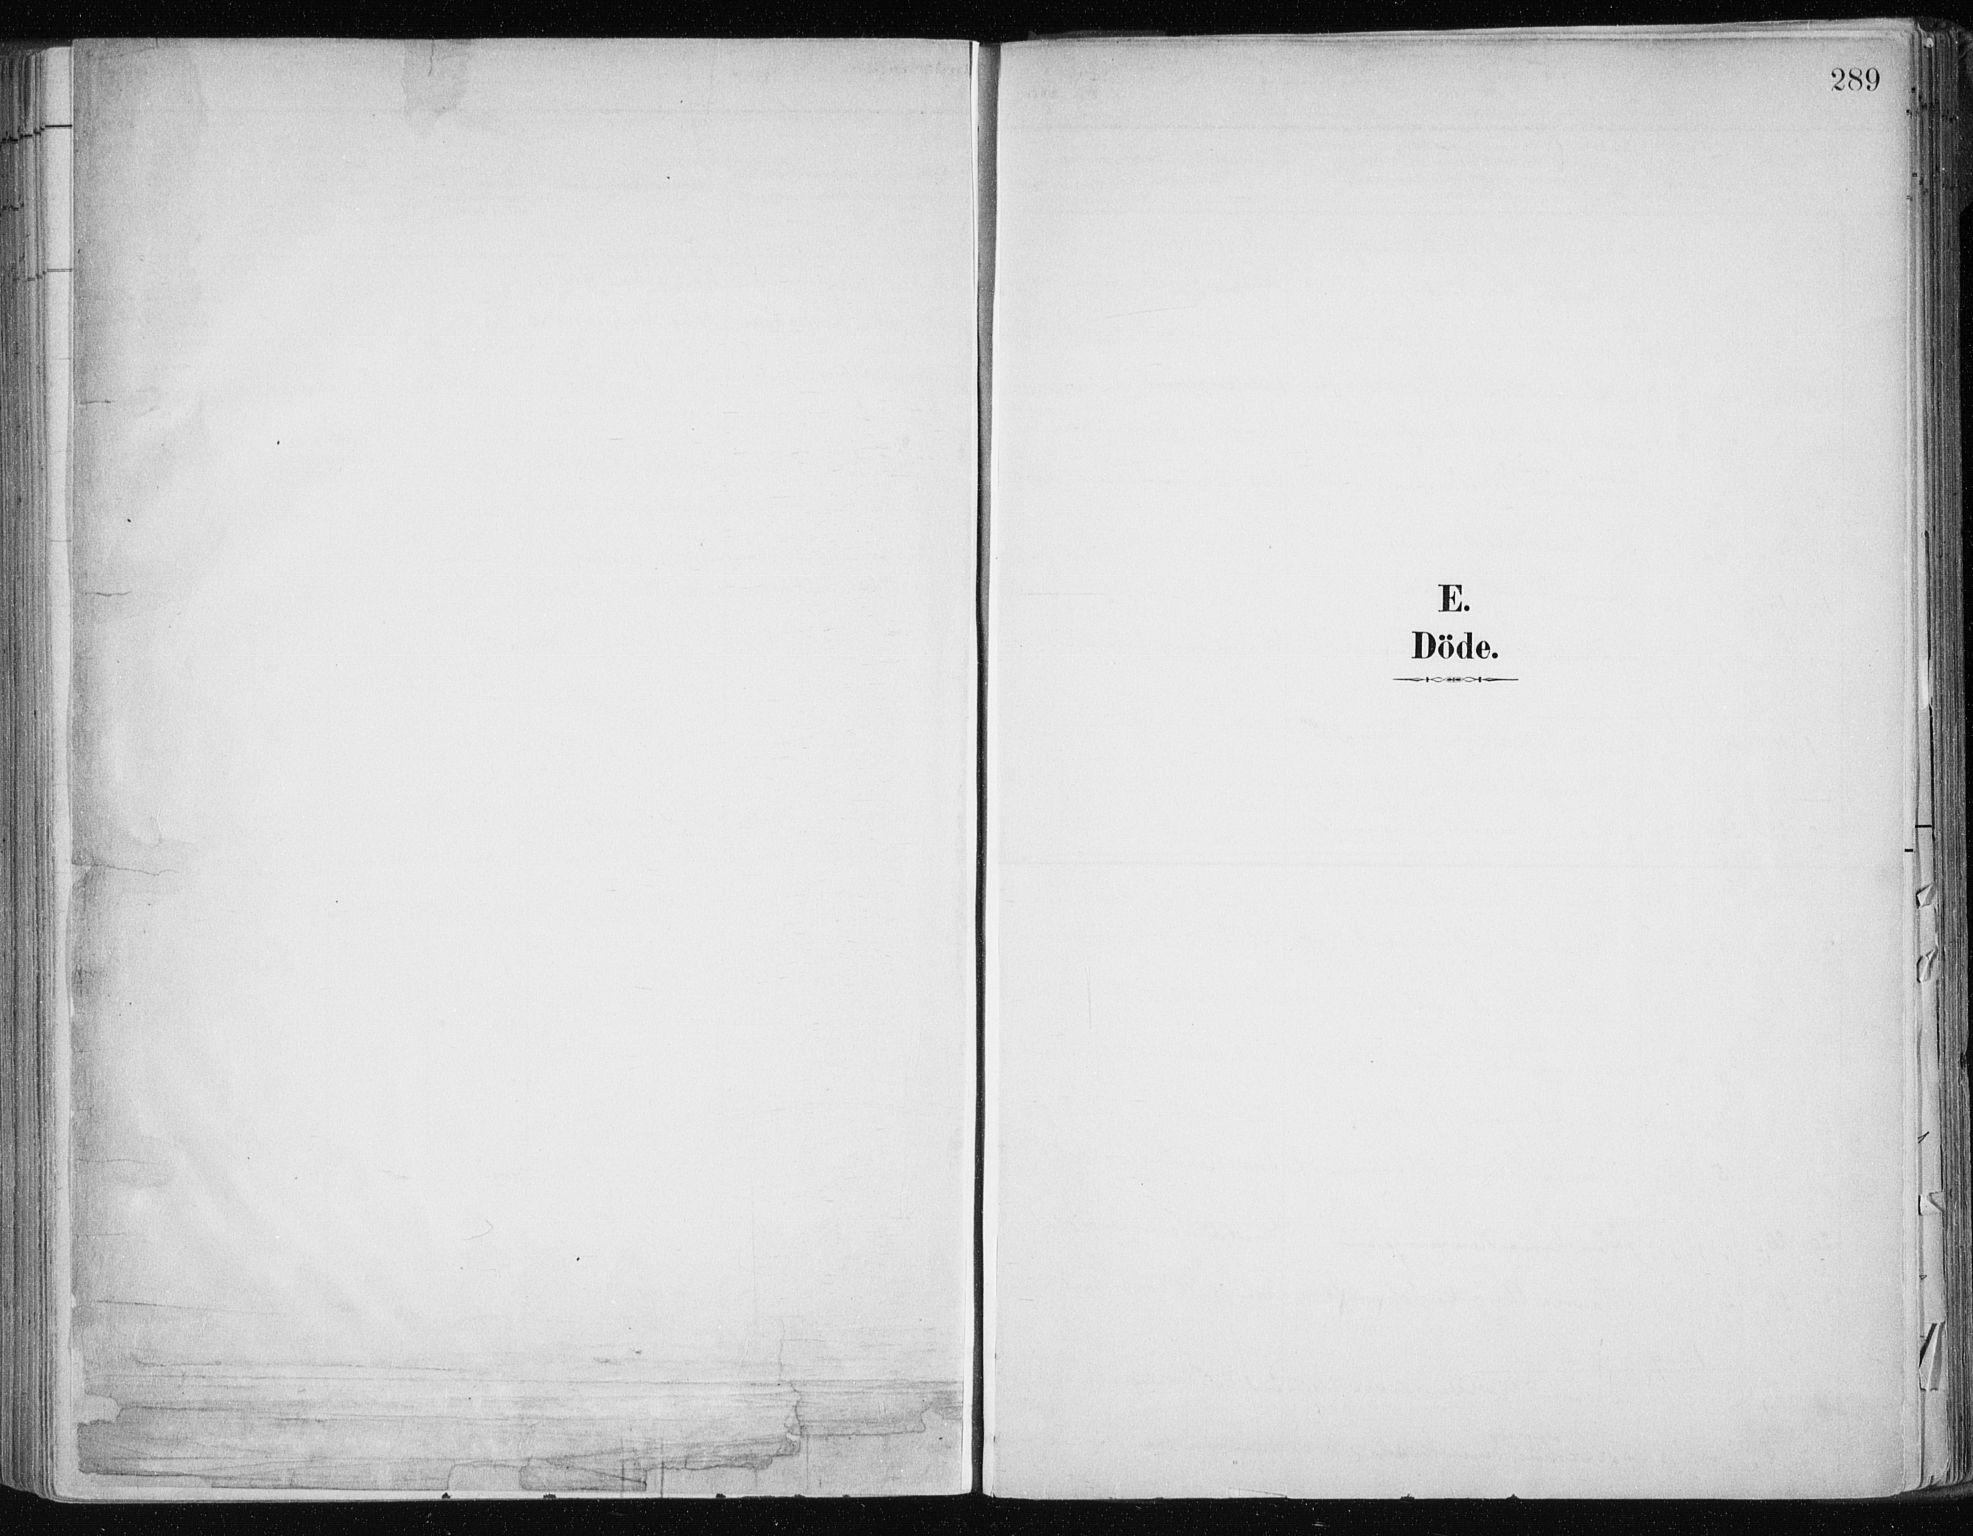 SATØ, Tromsøysund sokneprestkontor, G/Ga/L0005kirke: Ministerialbok nr. 5, 1888-1896, s. 289